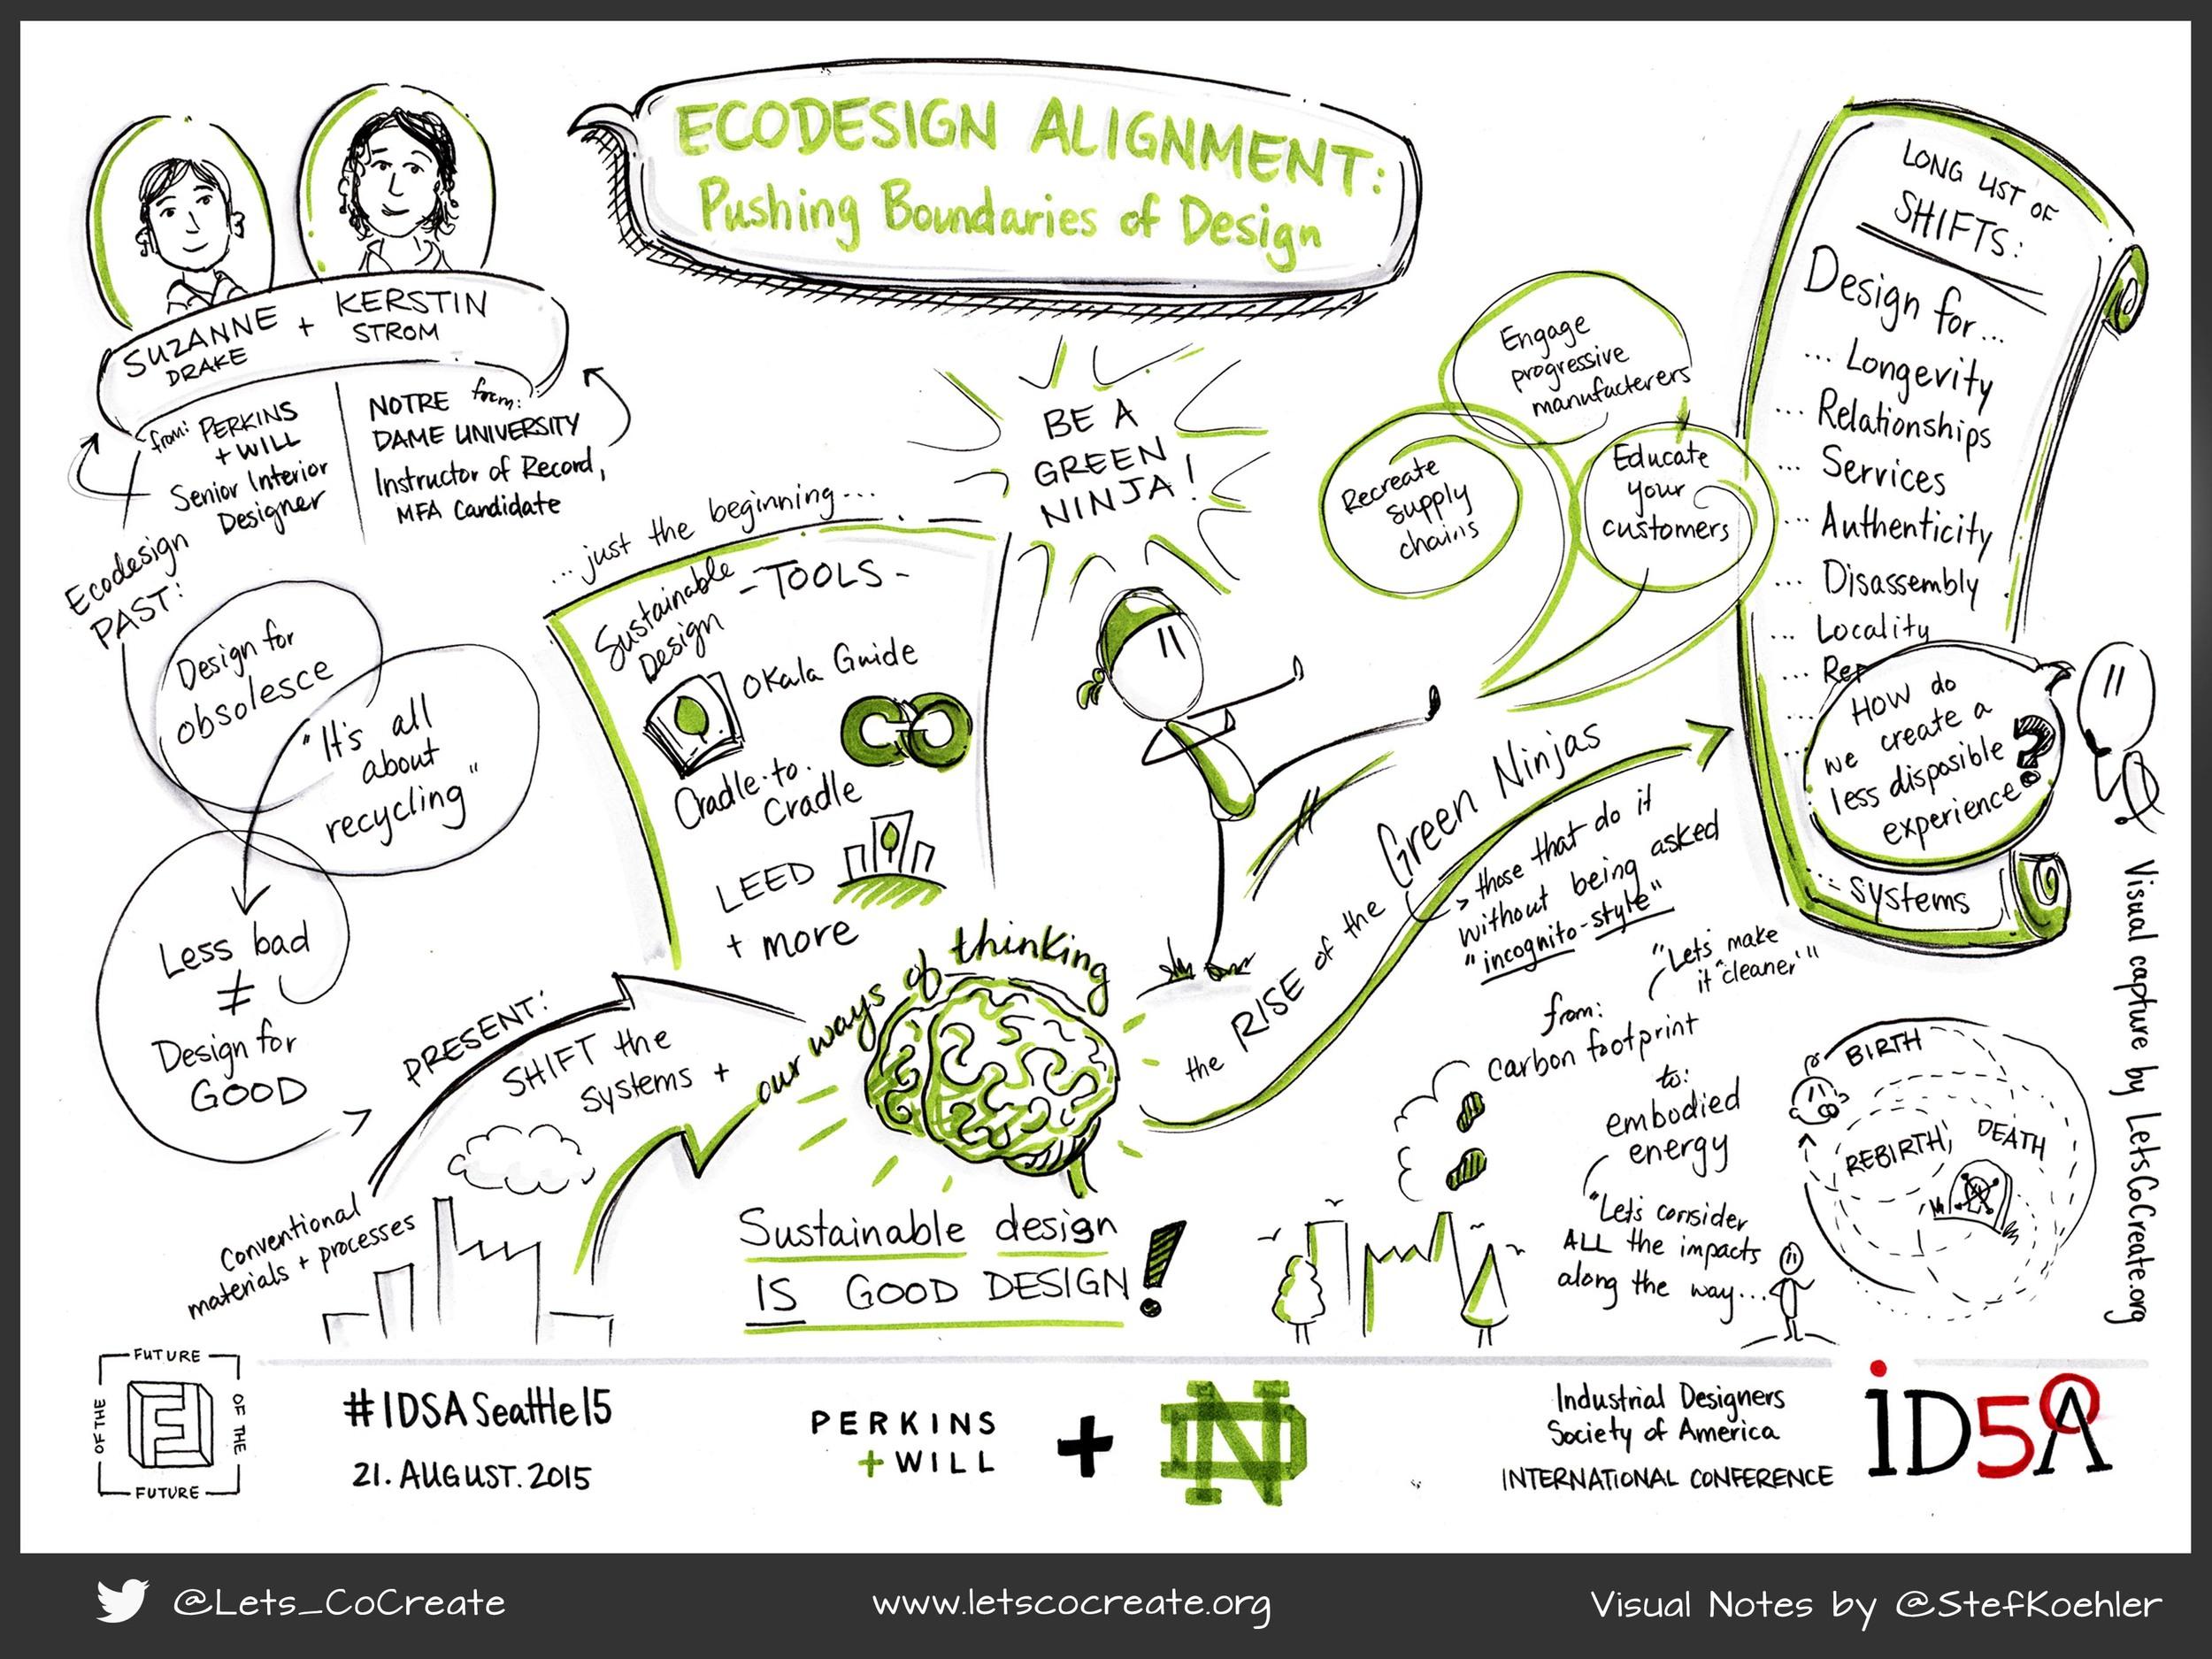 EcoDesign Alignment: Pushing boundaries of Design